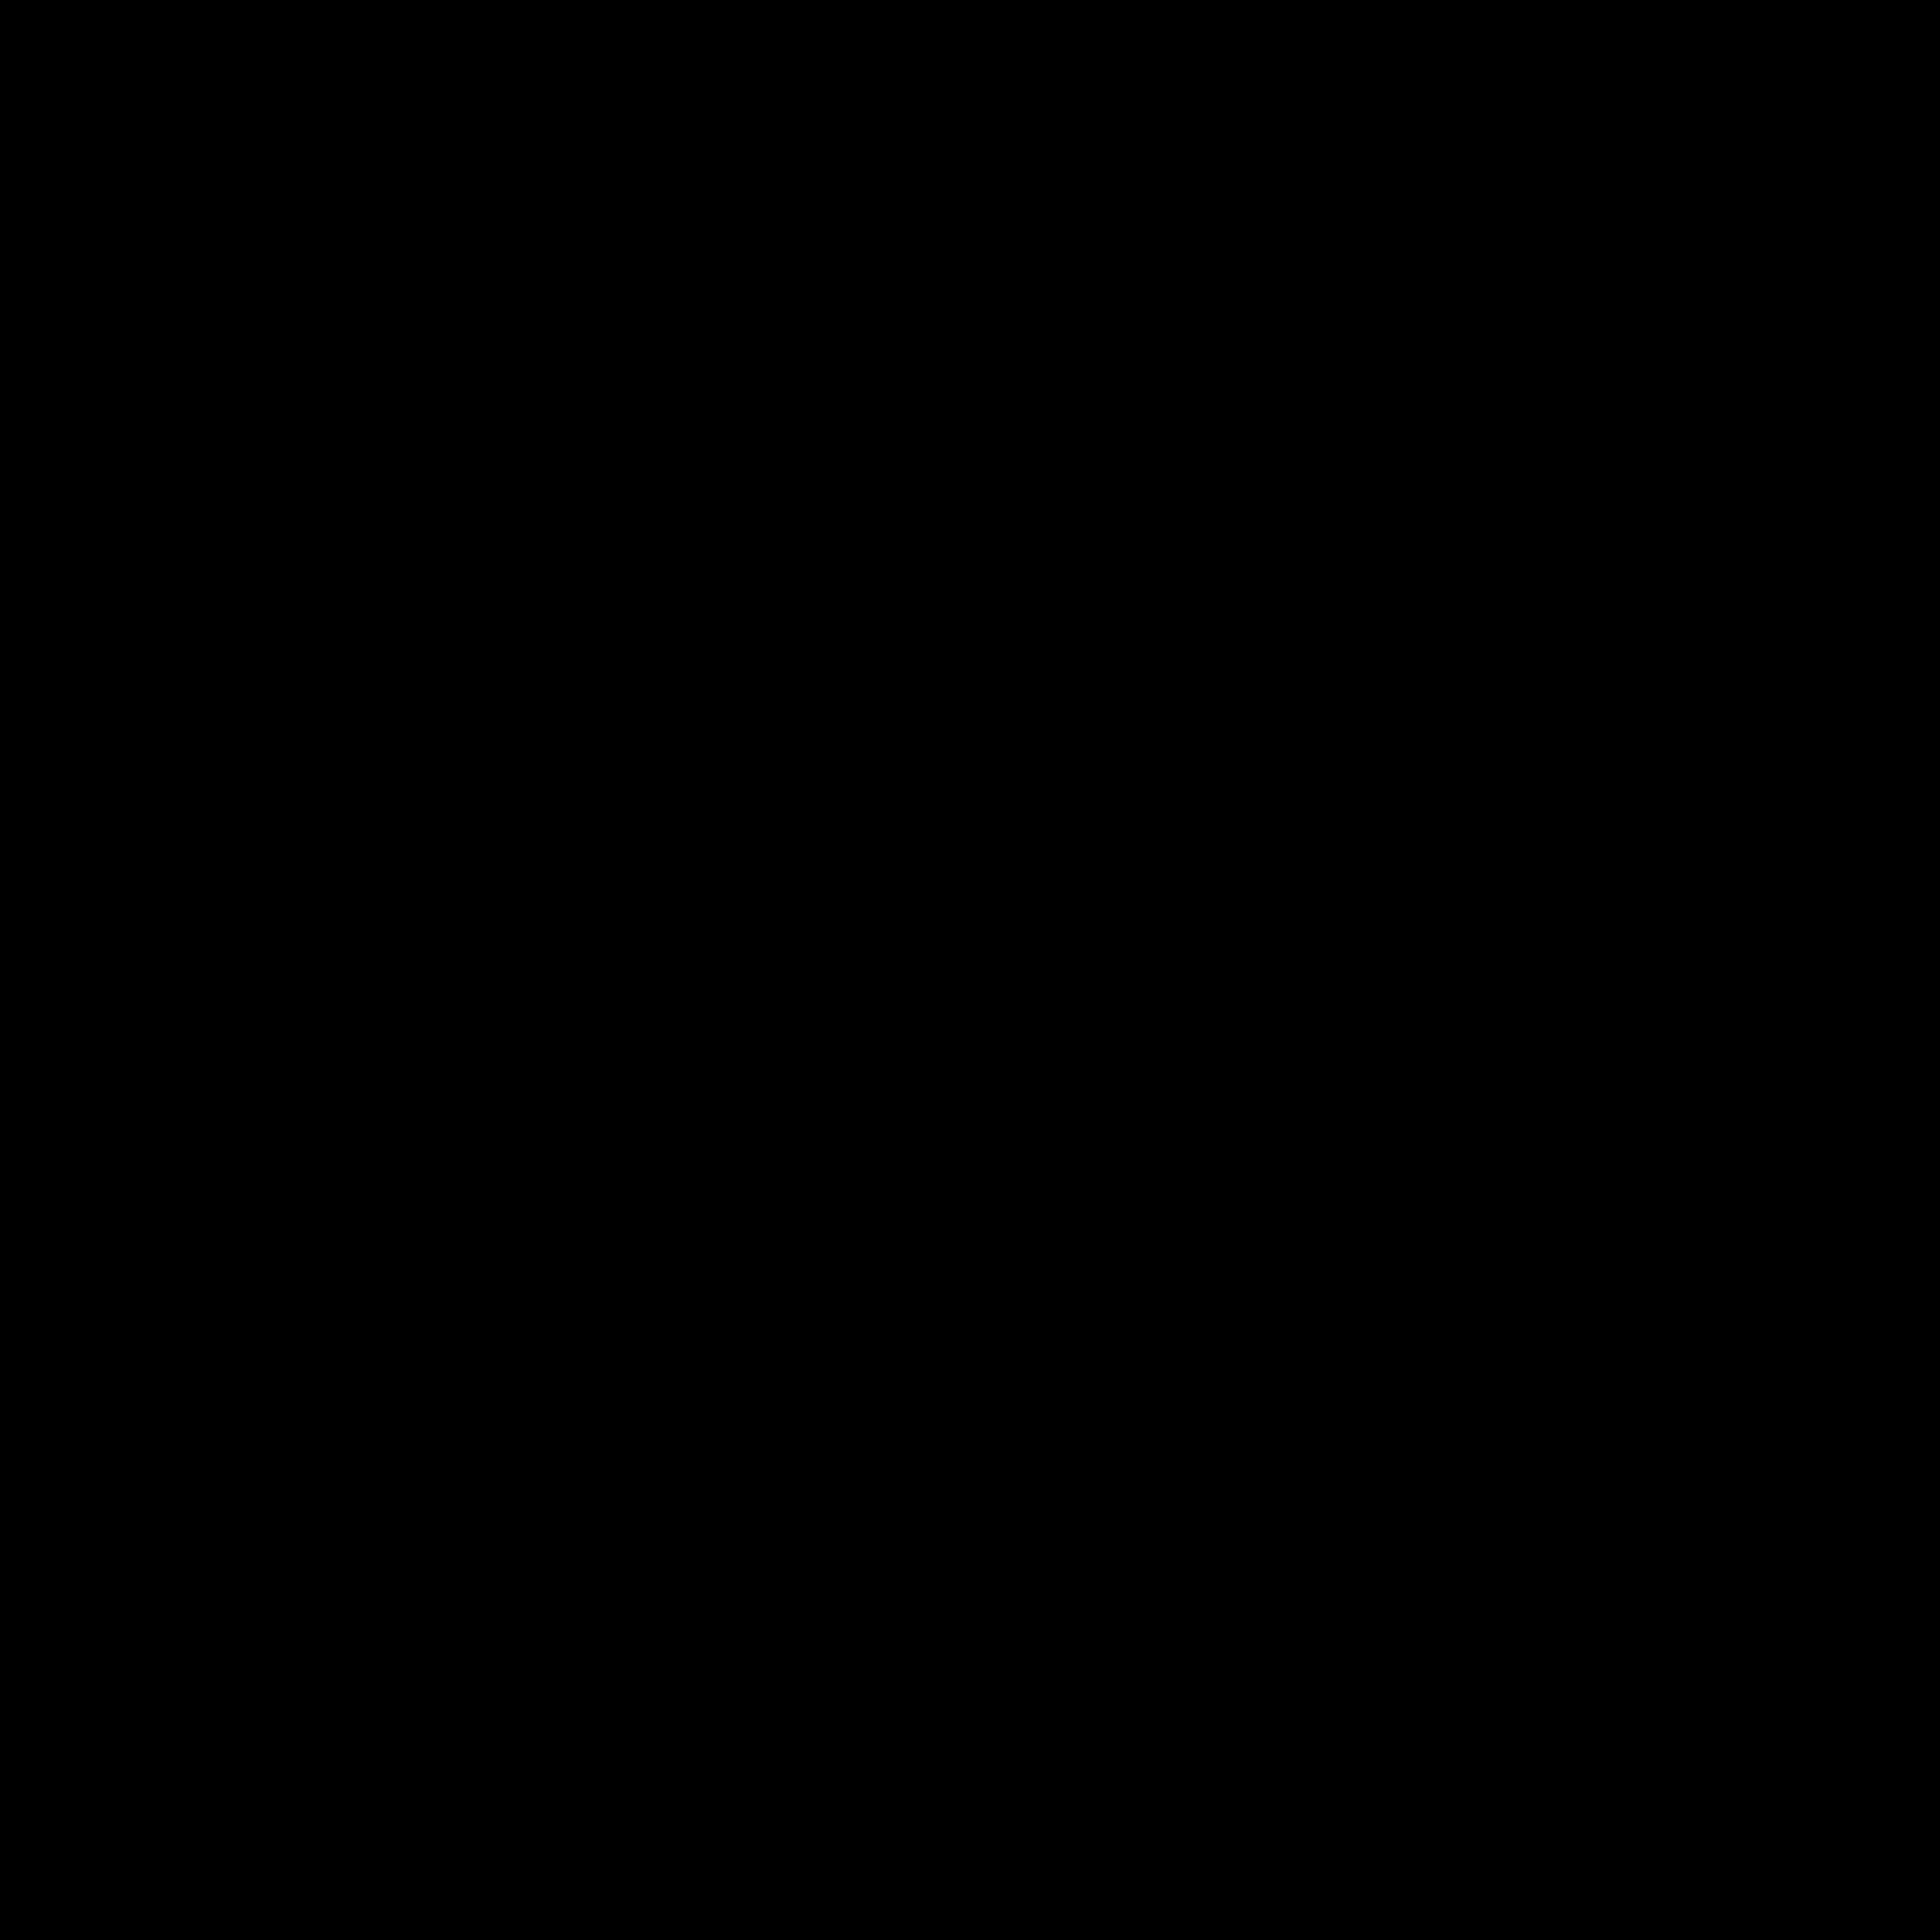 2020 Unbuilt Design Awards Announcement Party